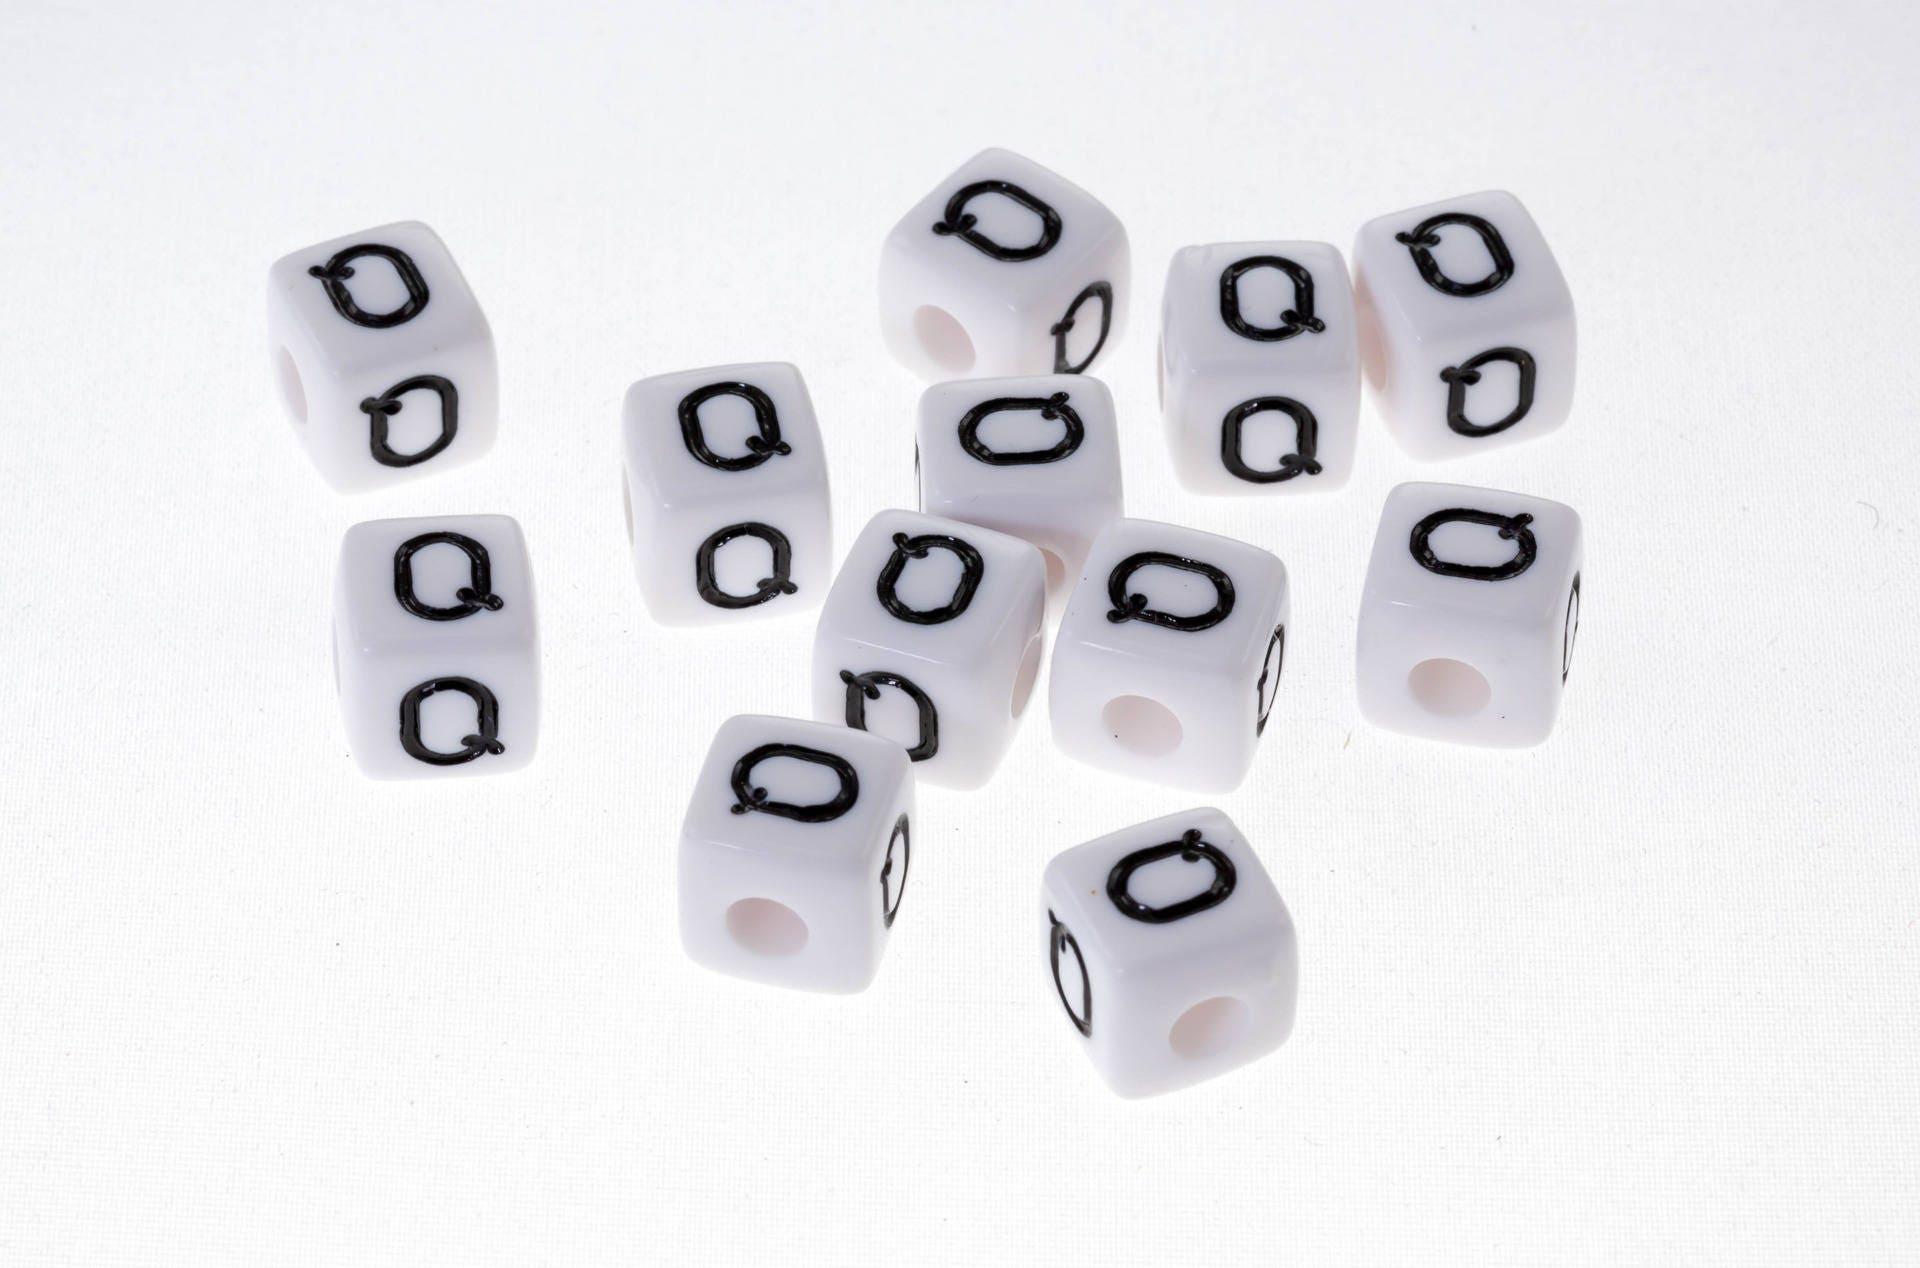 Blanc Lot de 10 perles Perle acrylique alphabétique de 10 x 10 mm Lettre N